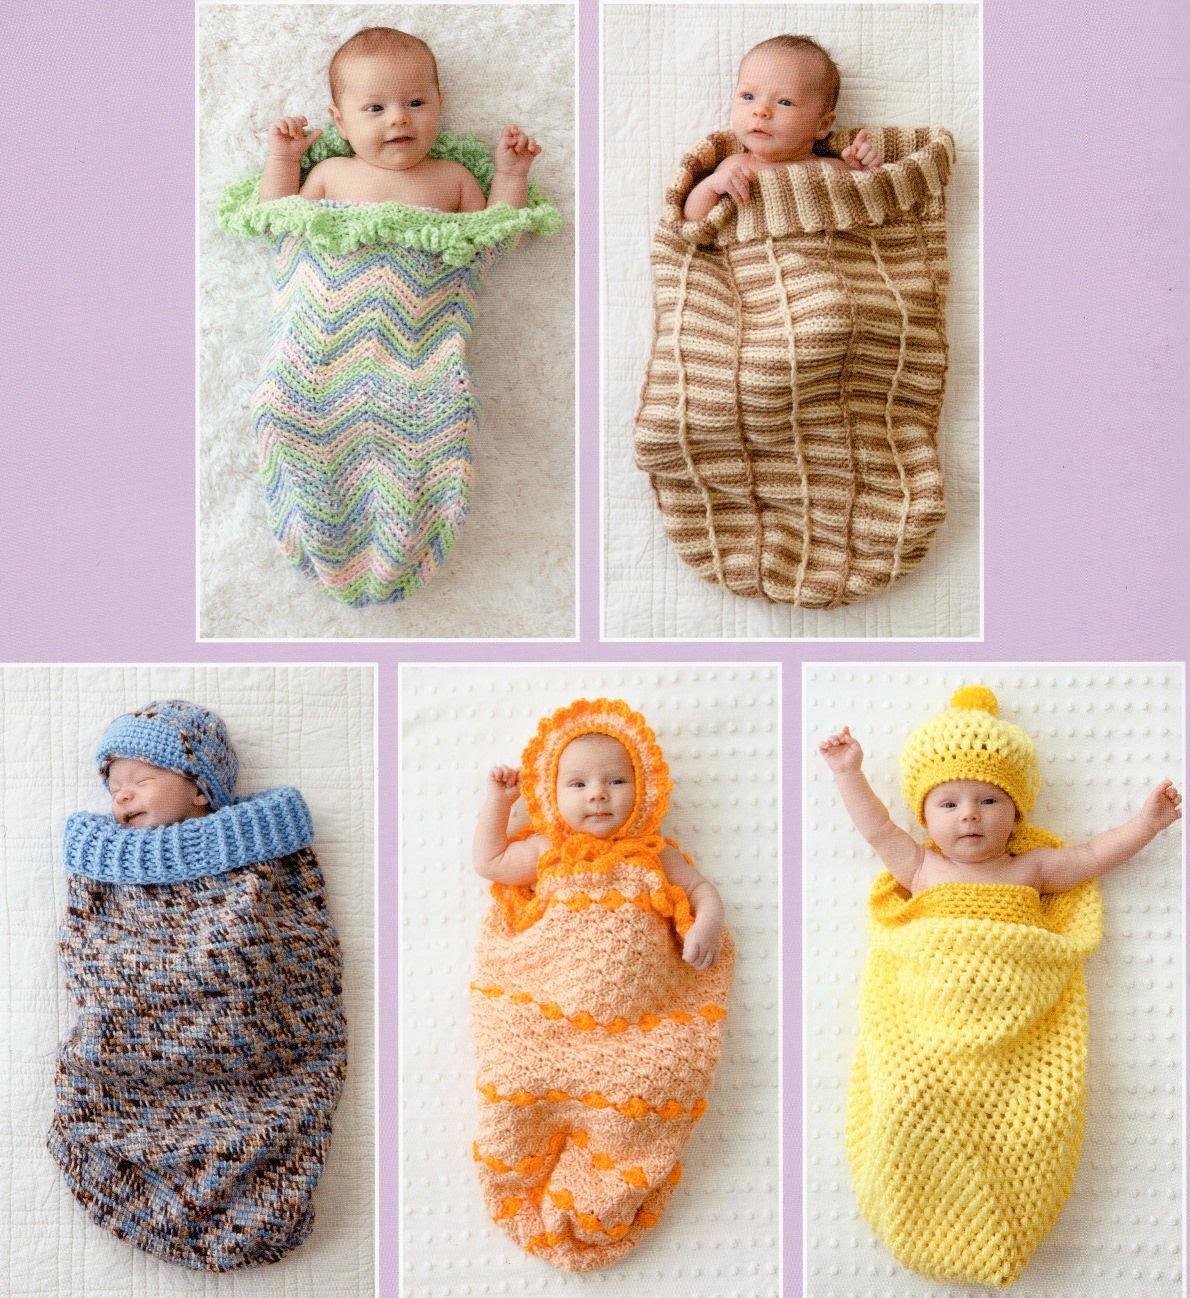 Как вязать своими руками одеяло для новорожденных 24